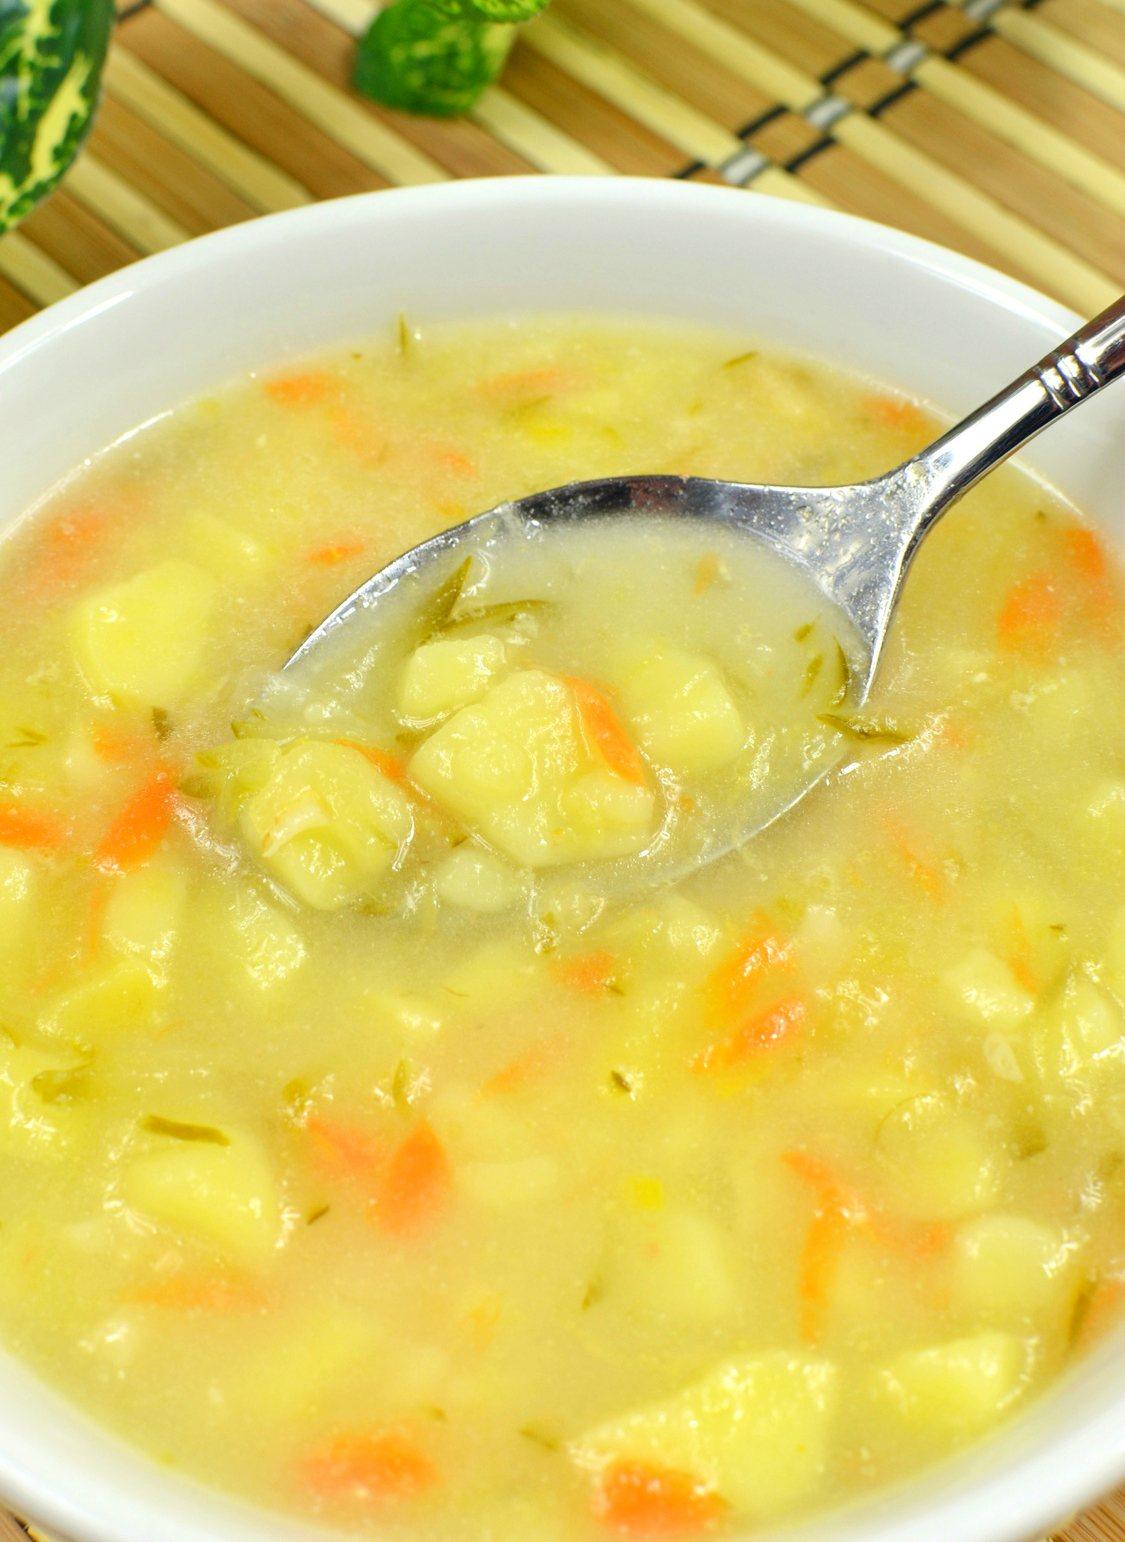 Domowa zupa ogórkowa - jak zrobić?